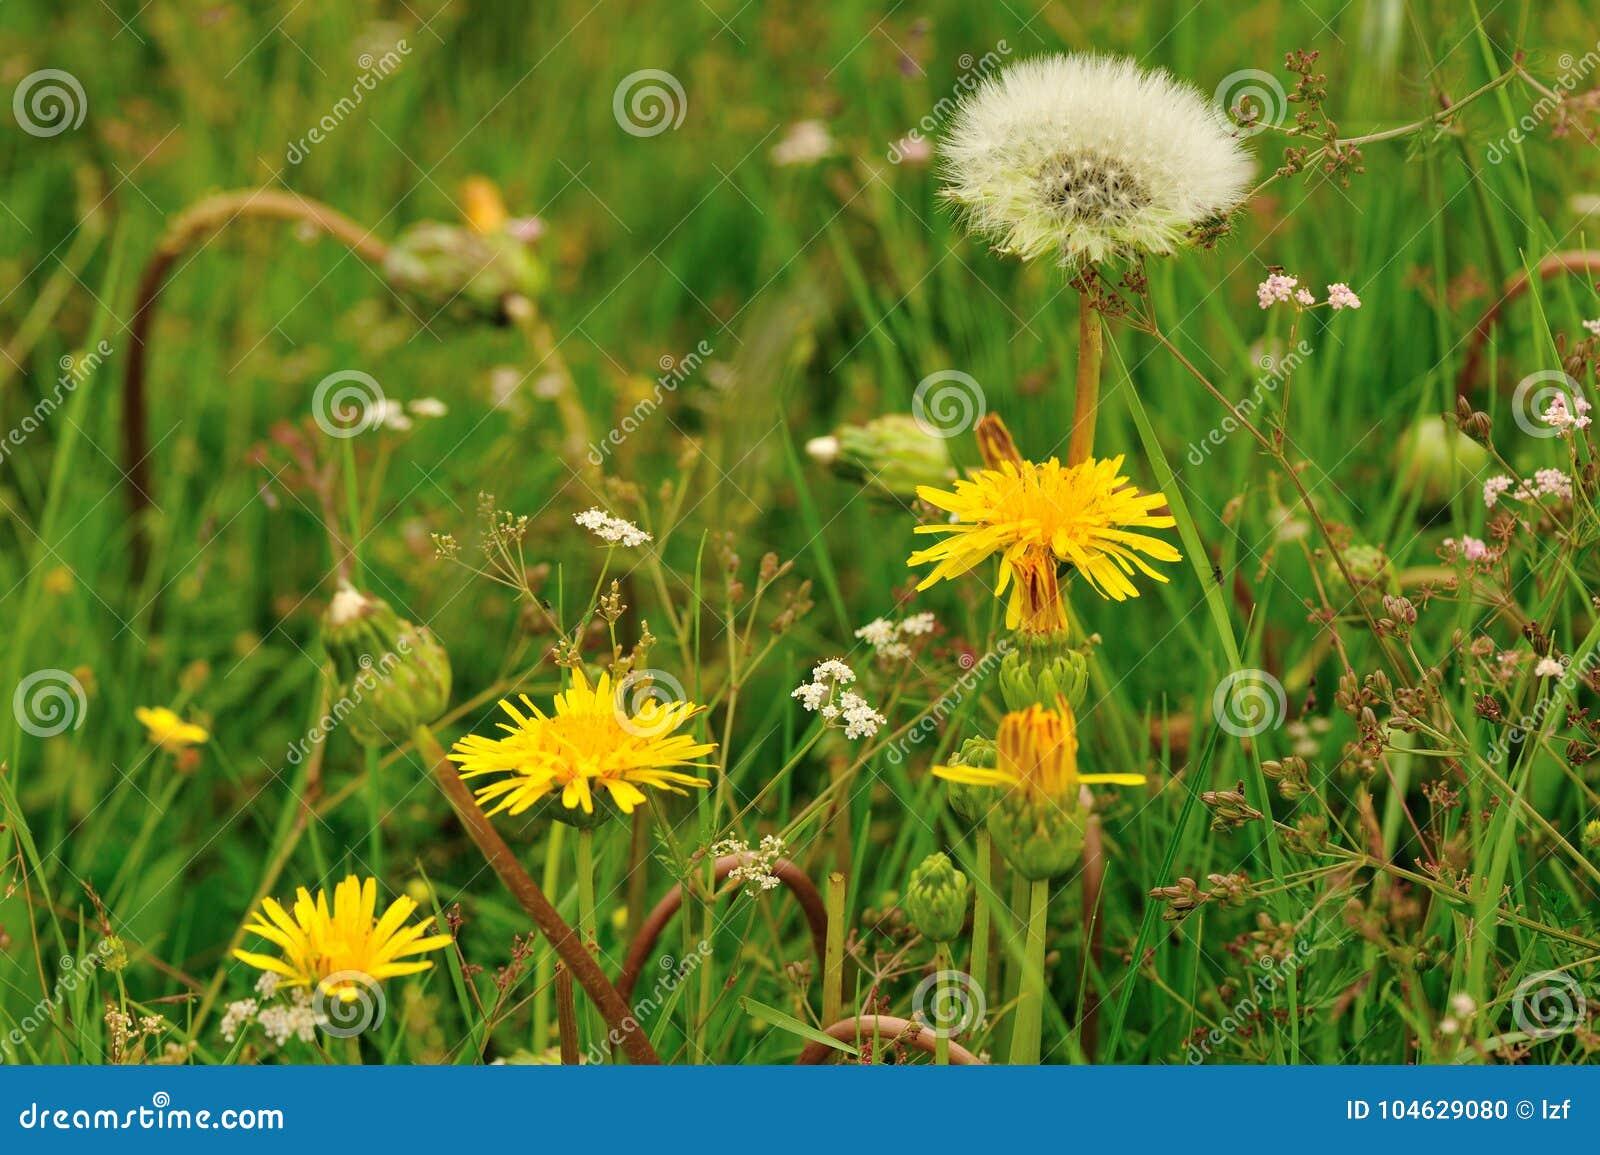 Download Paardebloembloem Op Een Groene Tuin Stock Foto - Afbeelding bestaande uit sluit, blowing: 104629080